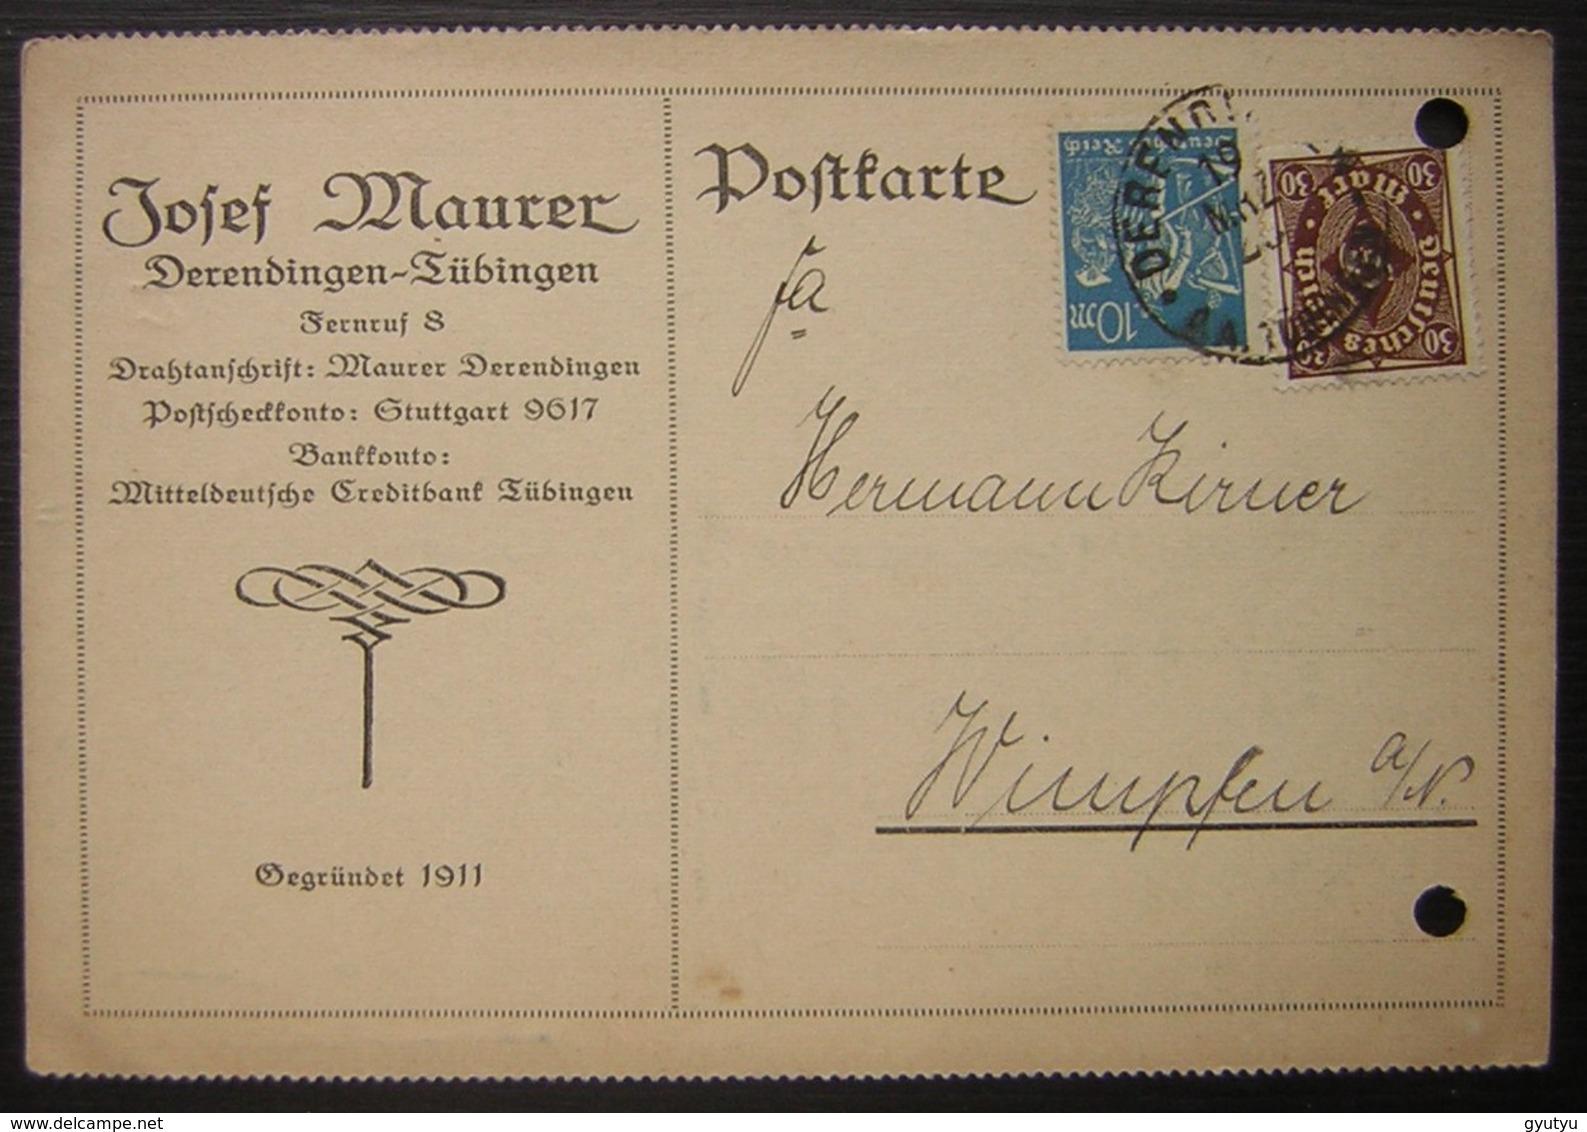 1923 Derendingen-Tübingen Josef Maurer Postkarte (deutsches Reich Allemagne) - Deutschland